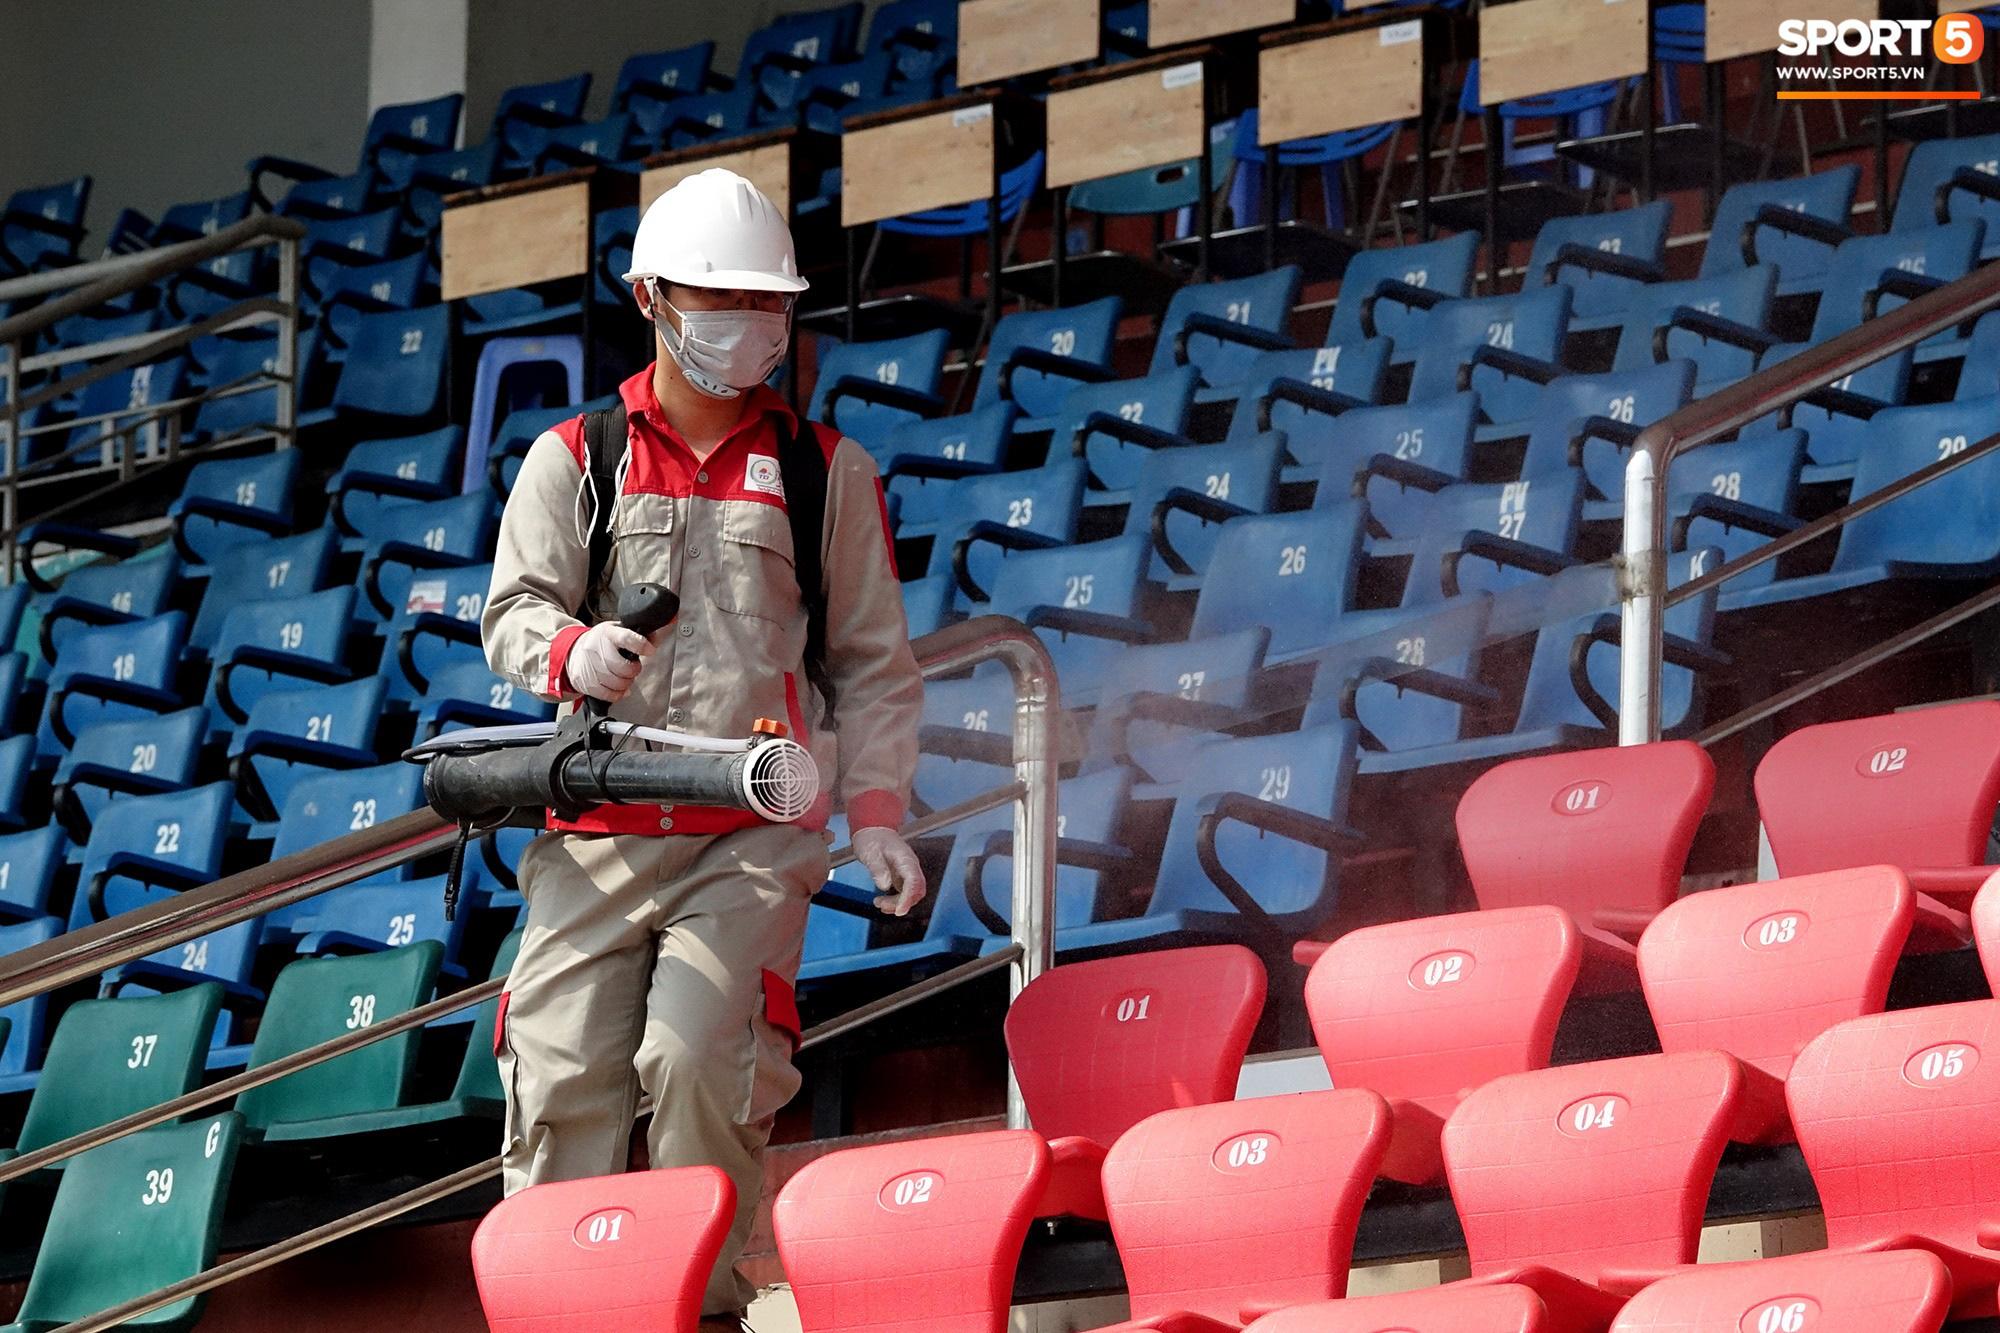 Sân Thống Nhất phun khử khuẩn trước trận đấu có HLV Park Hang-seo dự khán - Ảnh 10.